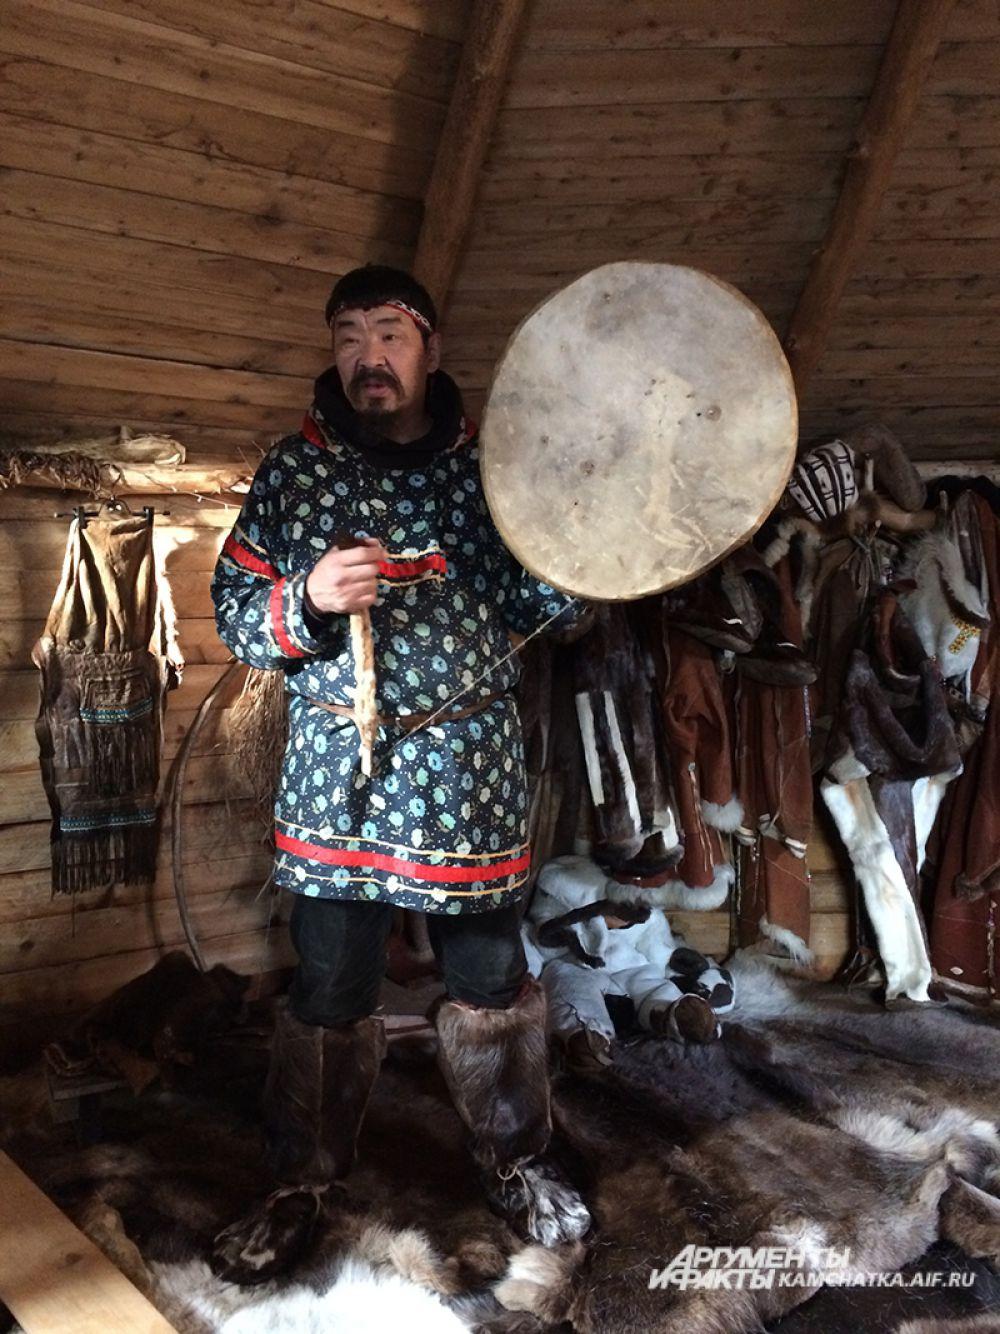 А также узнать о жизни аборигенов и насладиться горловым пением.